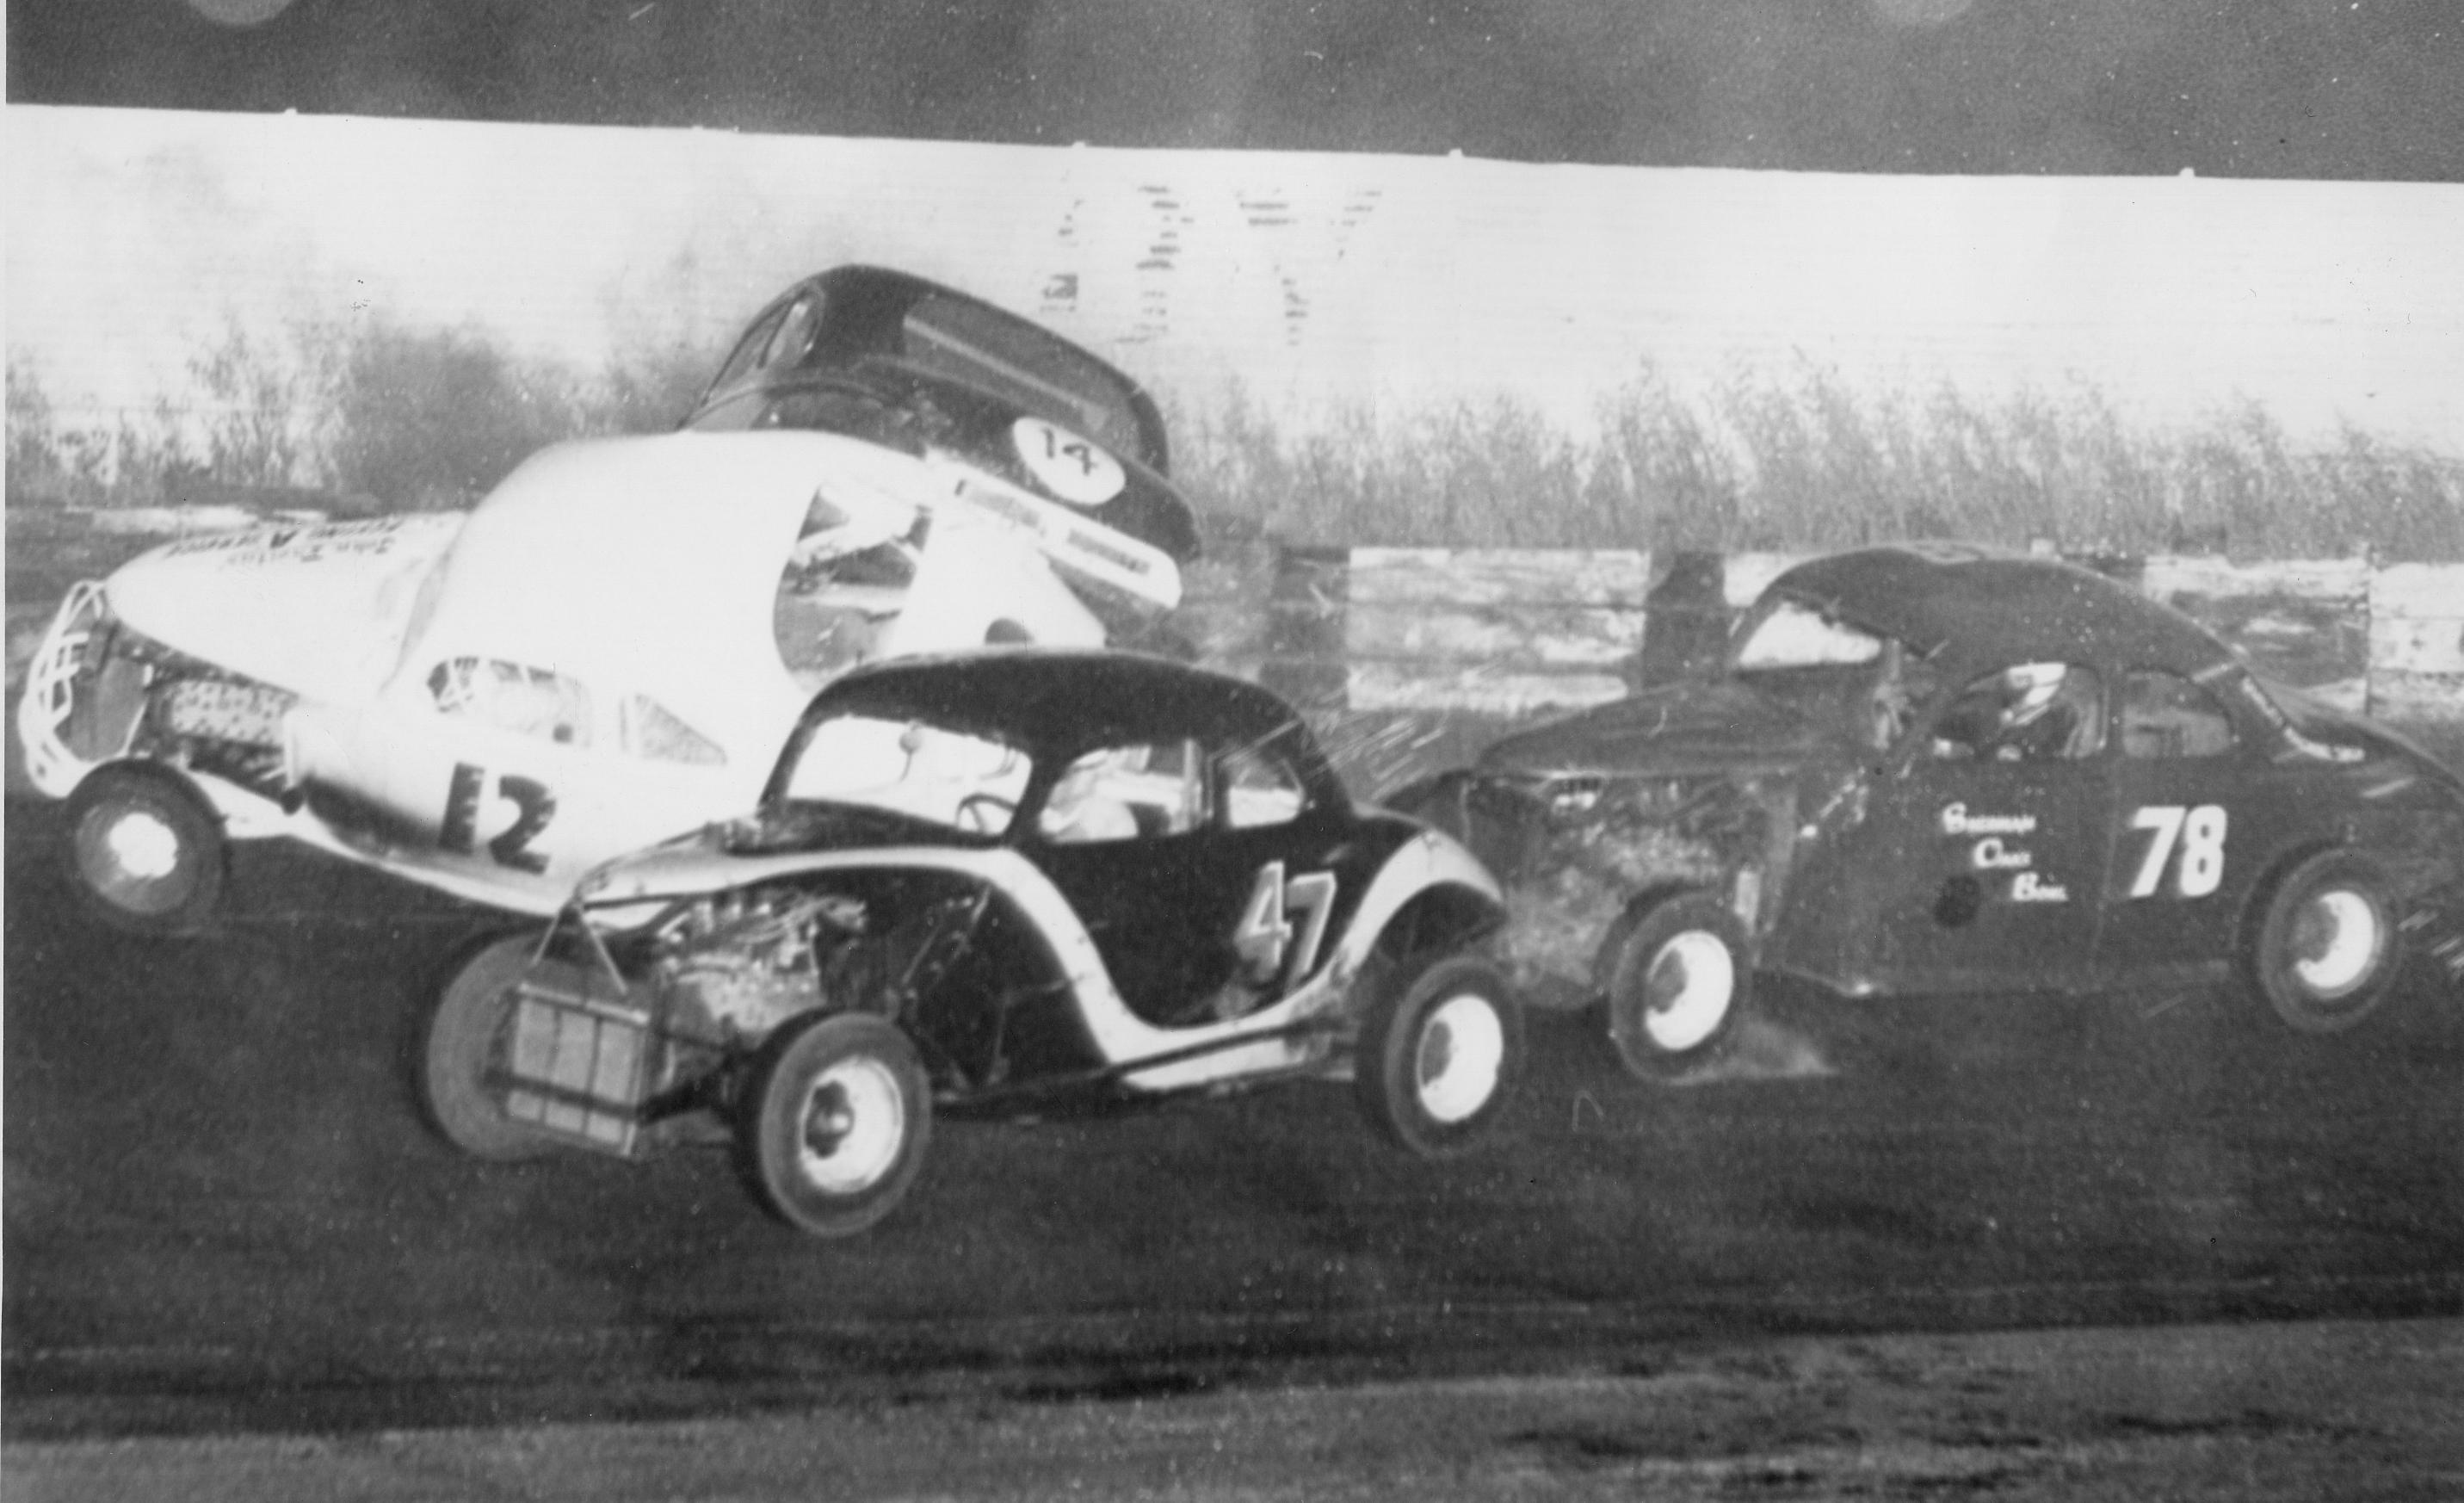 4 1958 #12 J. Freitas, #14 A. Bigiogni, #47 G.Benson, #78 B. Foland, San Jose Speedway Action